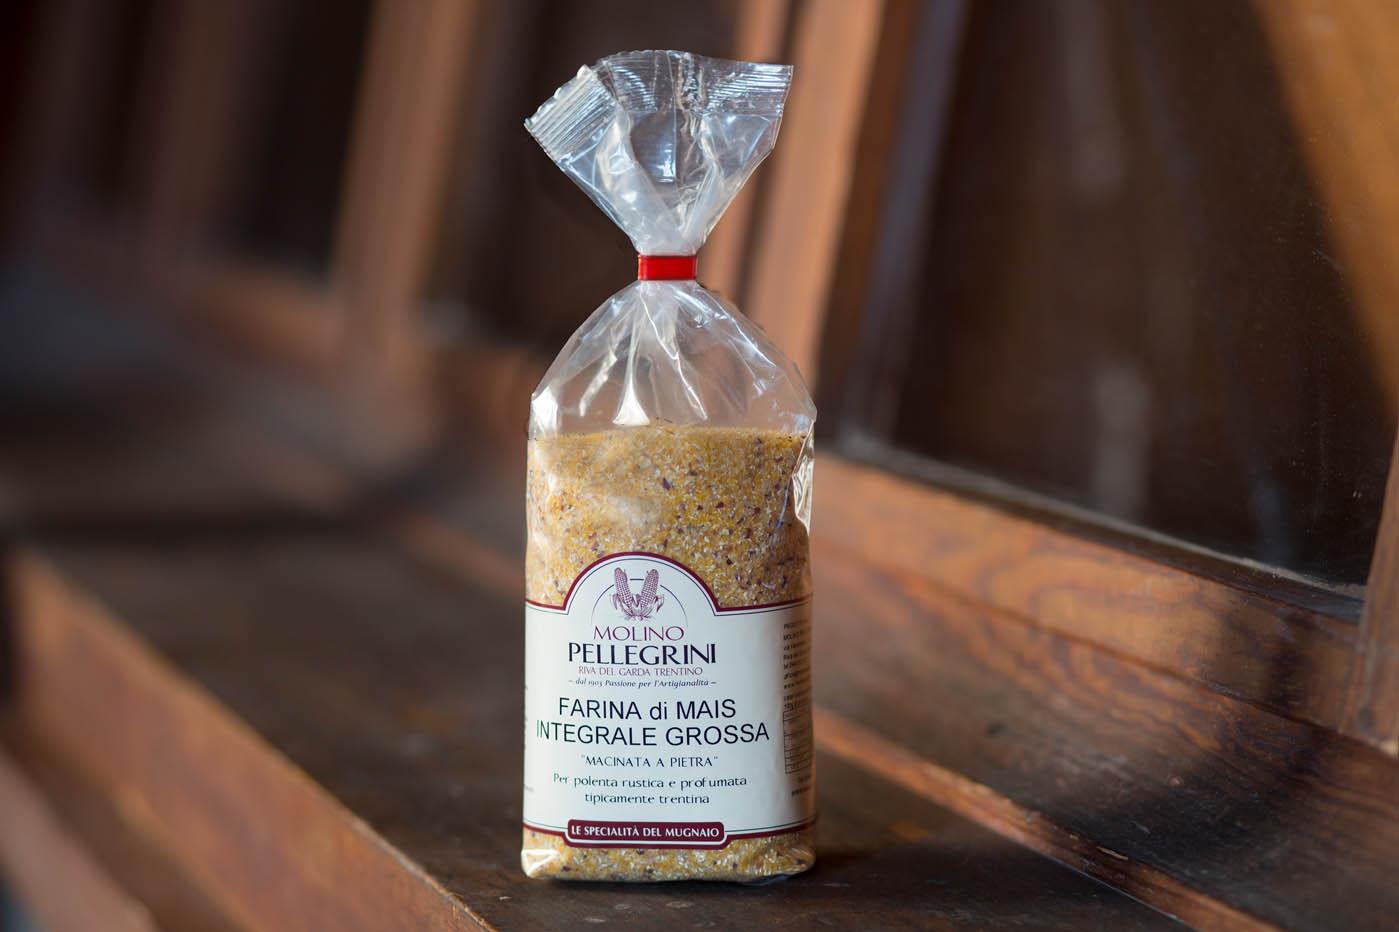 Farina di Mais Integrale Grossa macinata a pietra